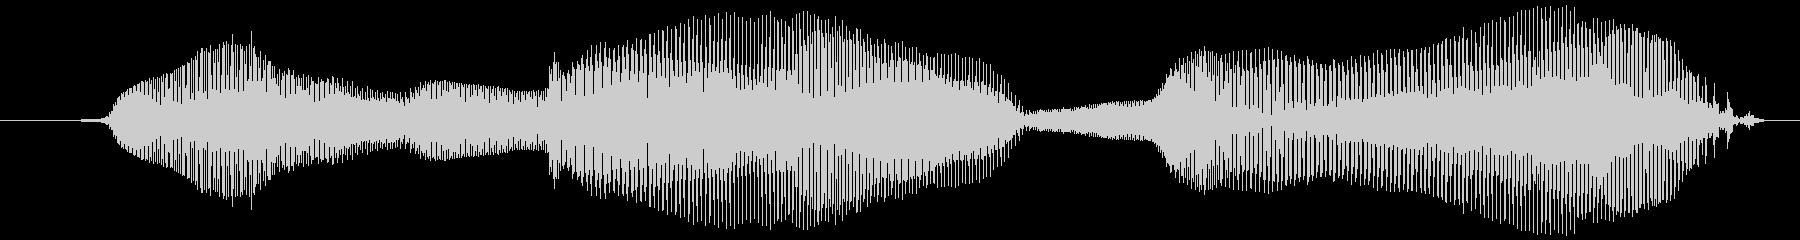 うまいね!【ロリキャラの褒めボイス】の未再生の波形